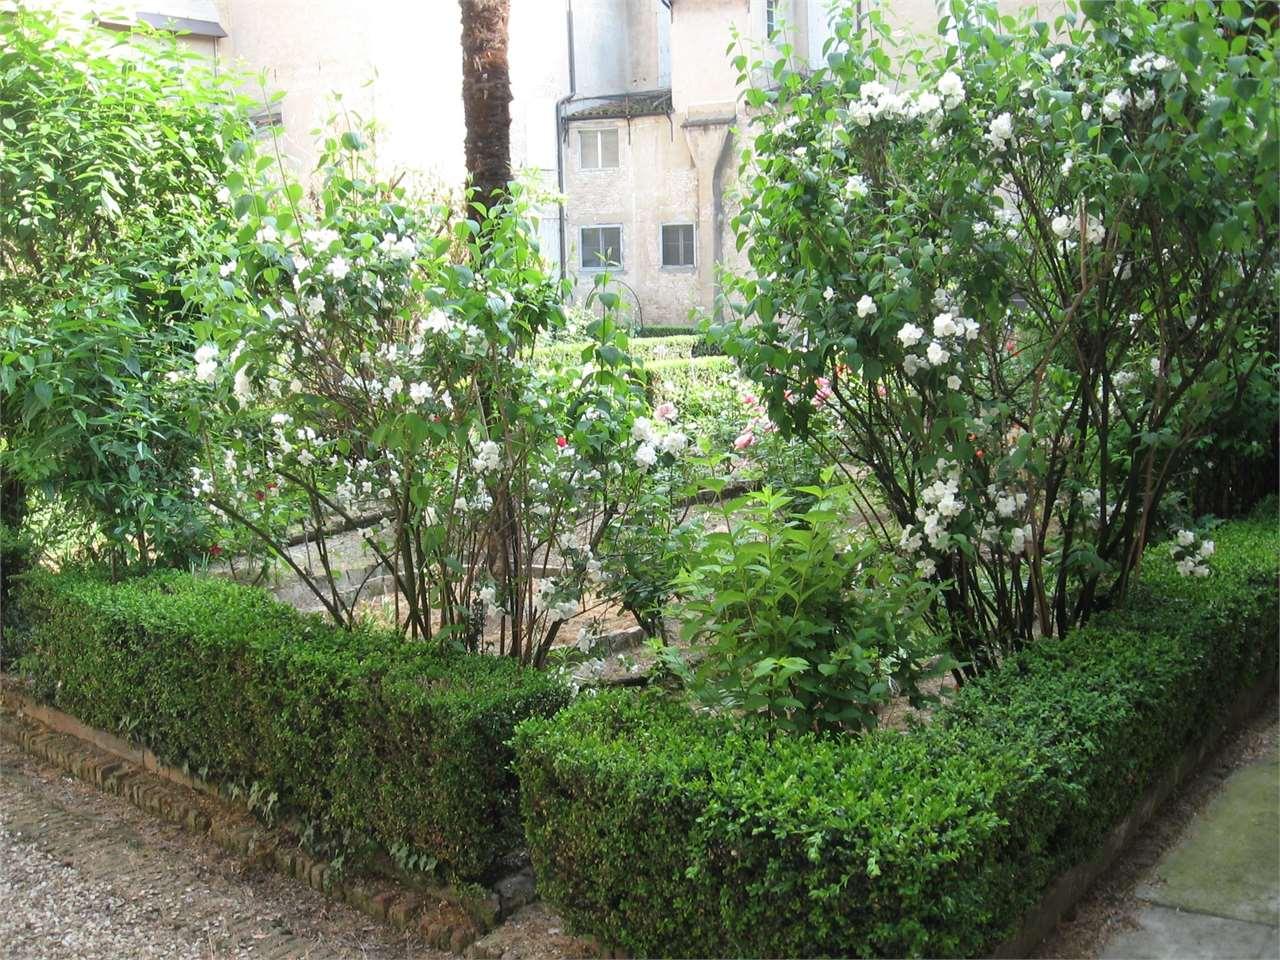 Palazzo stabile modena vendita zona centro storico 12500 for Planimetrie del paese con portici